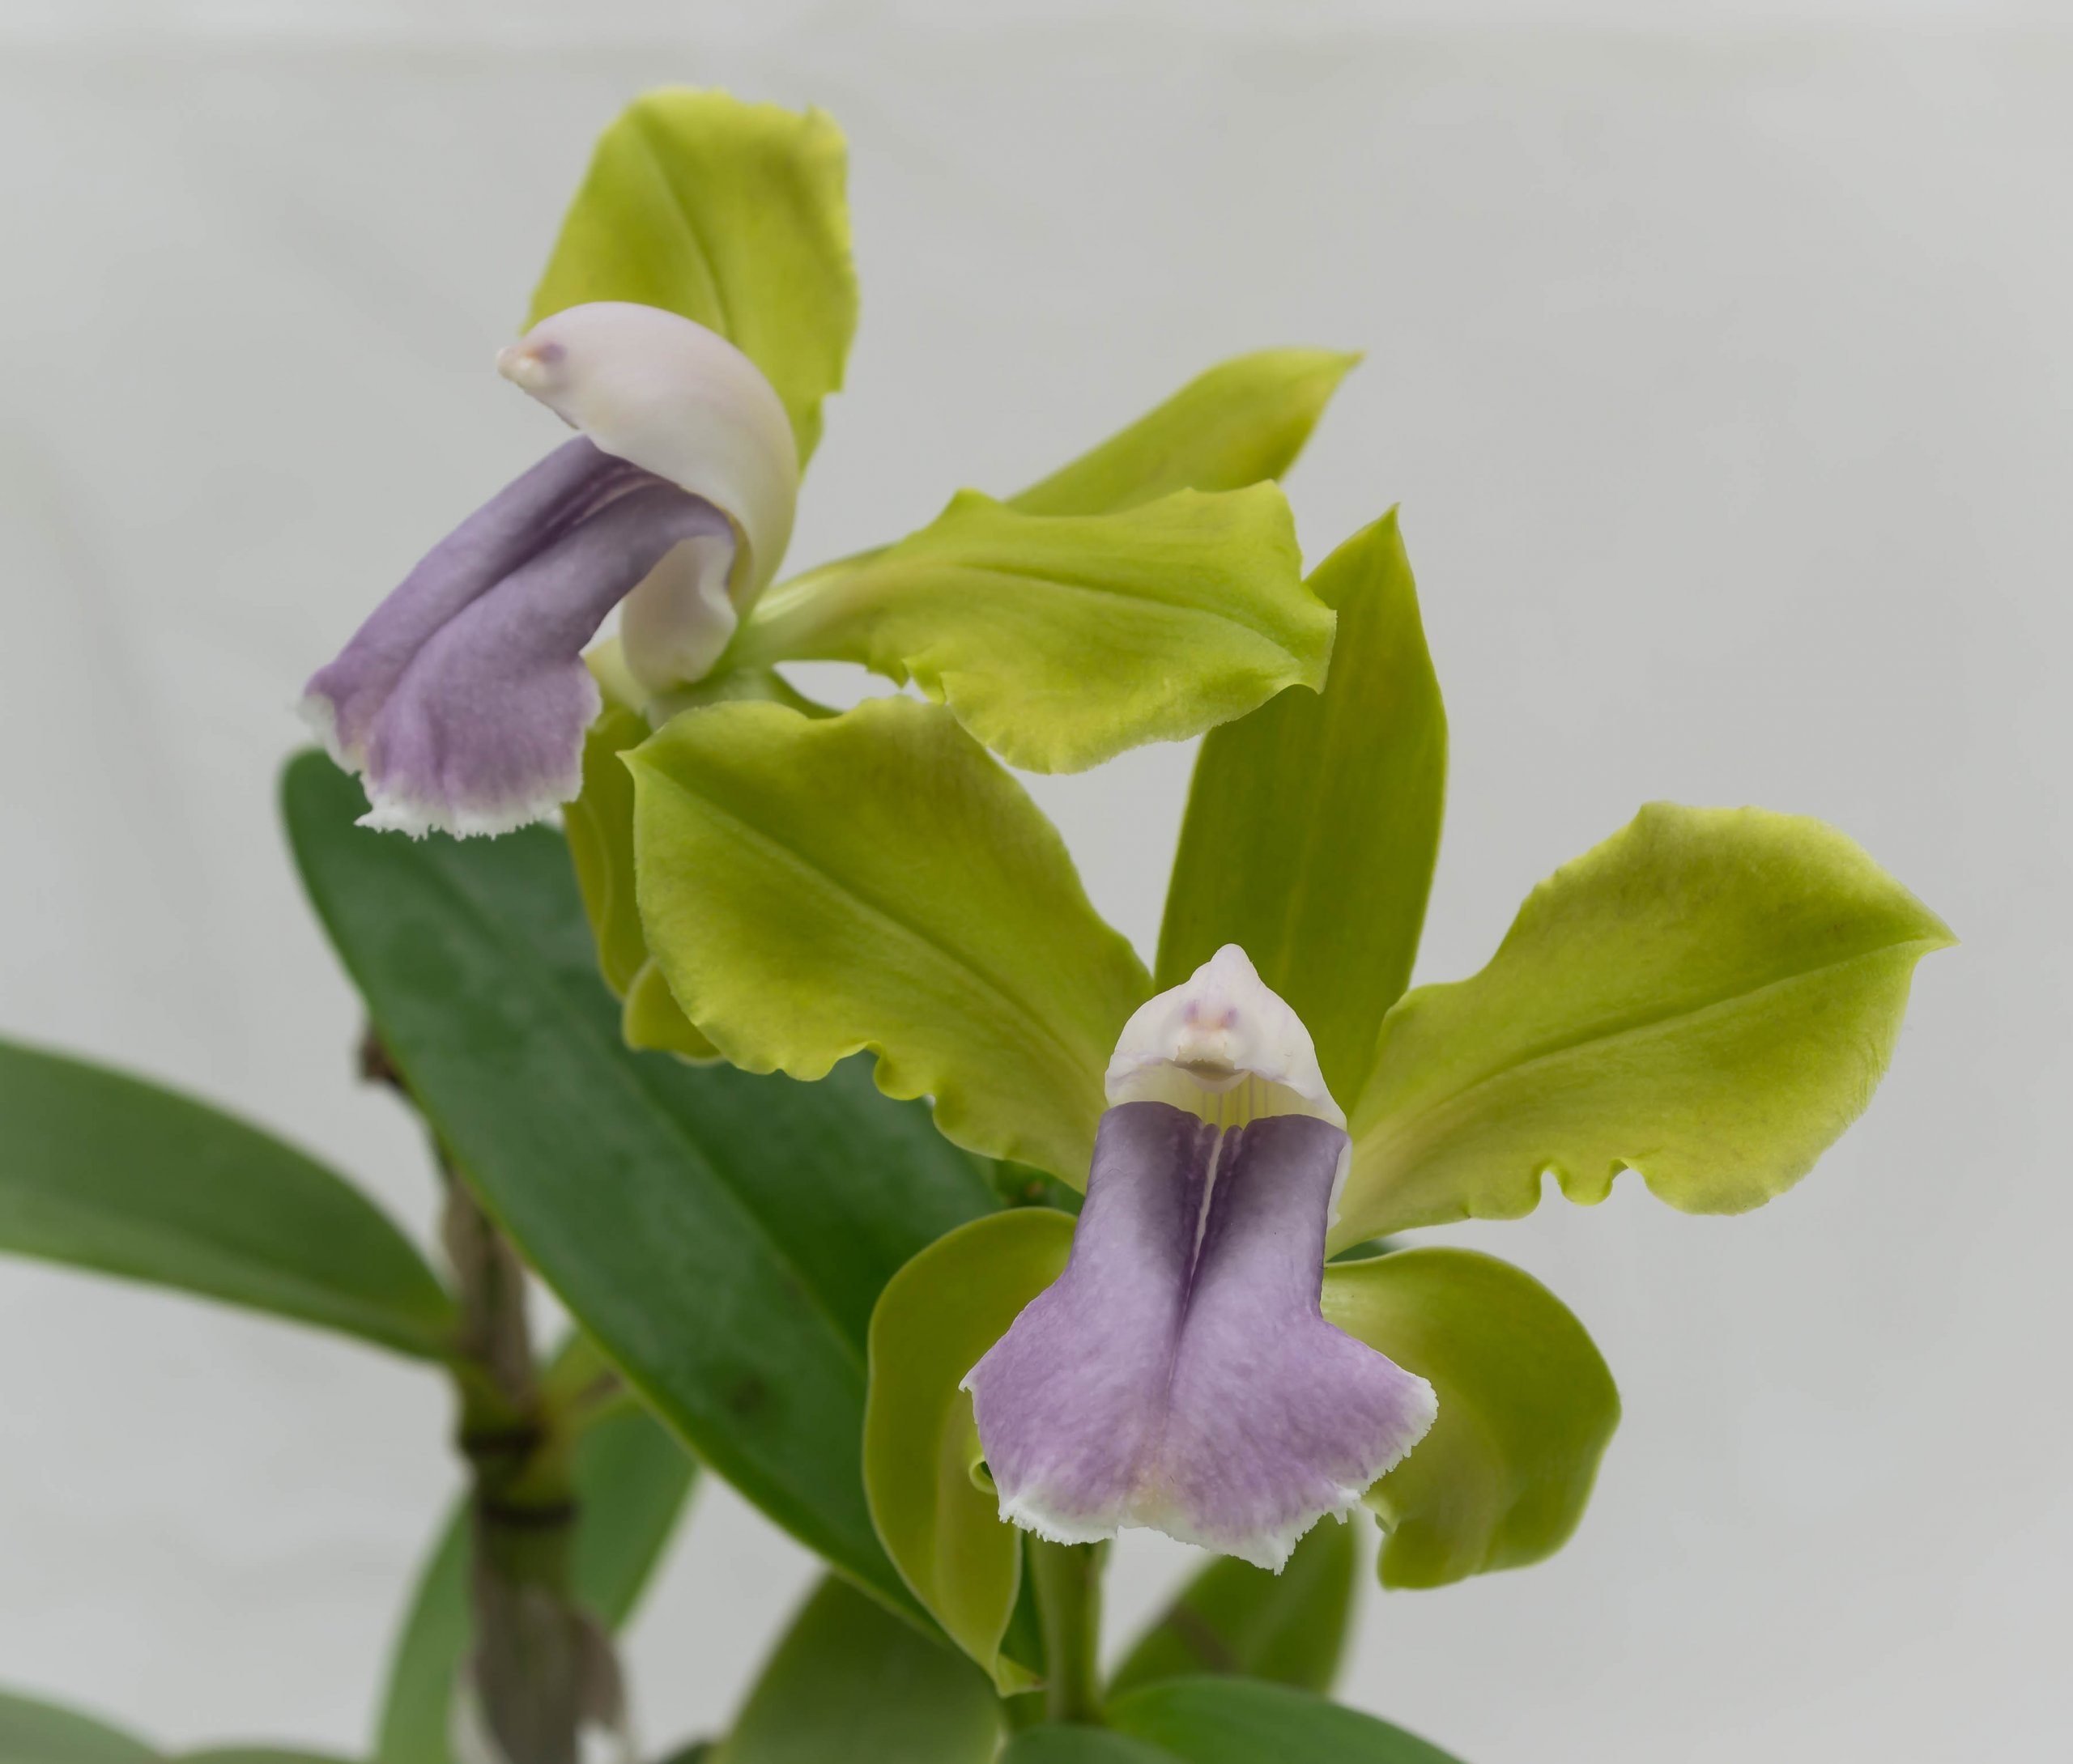 26092021 Cattleya bicolor var. coerulea (2)-1.jpg